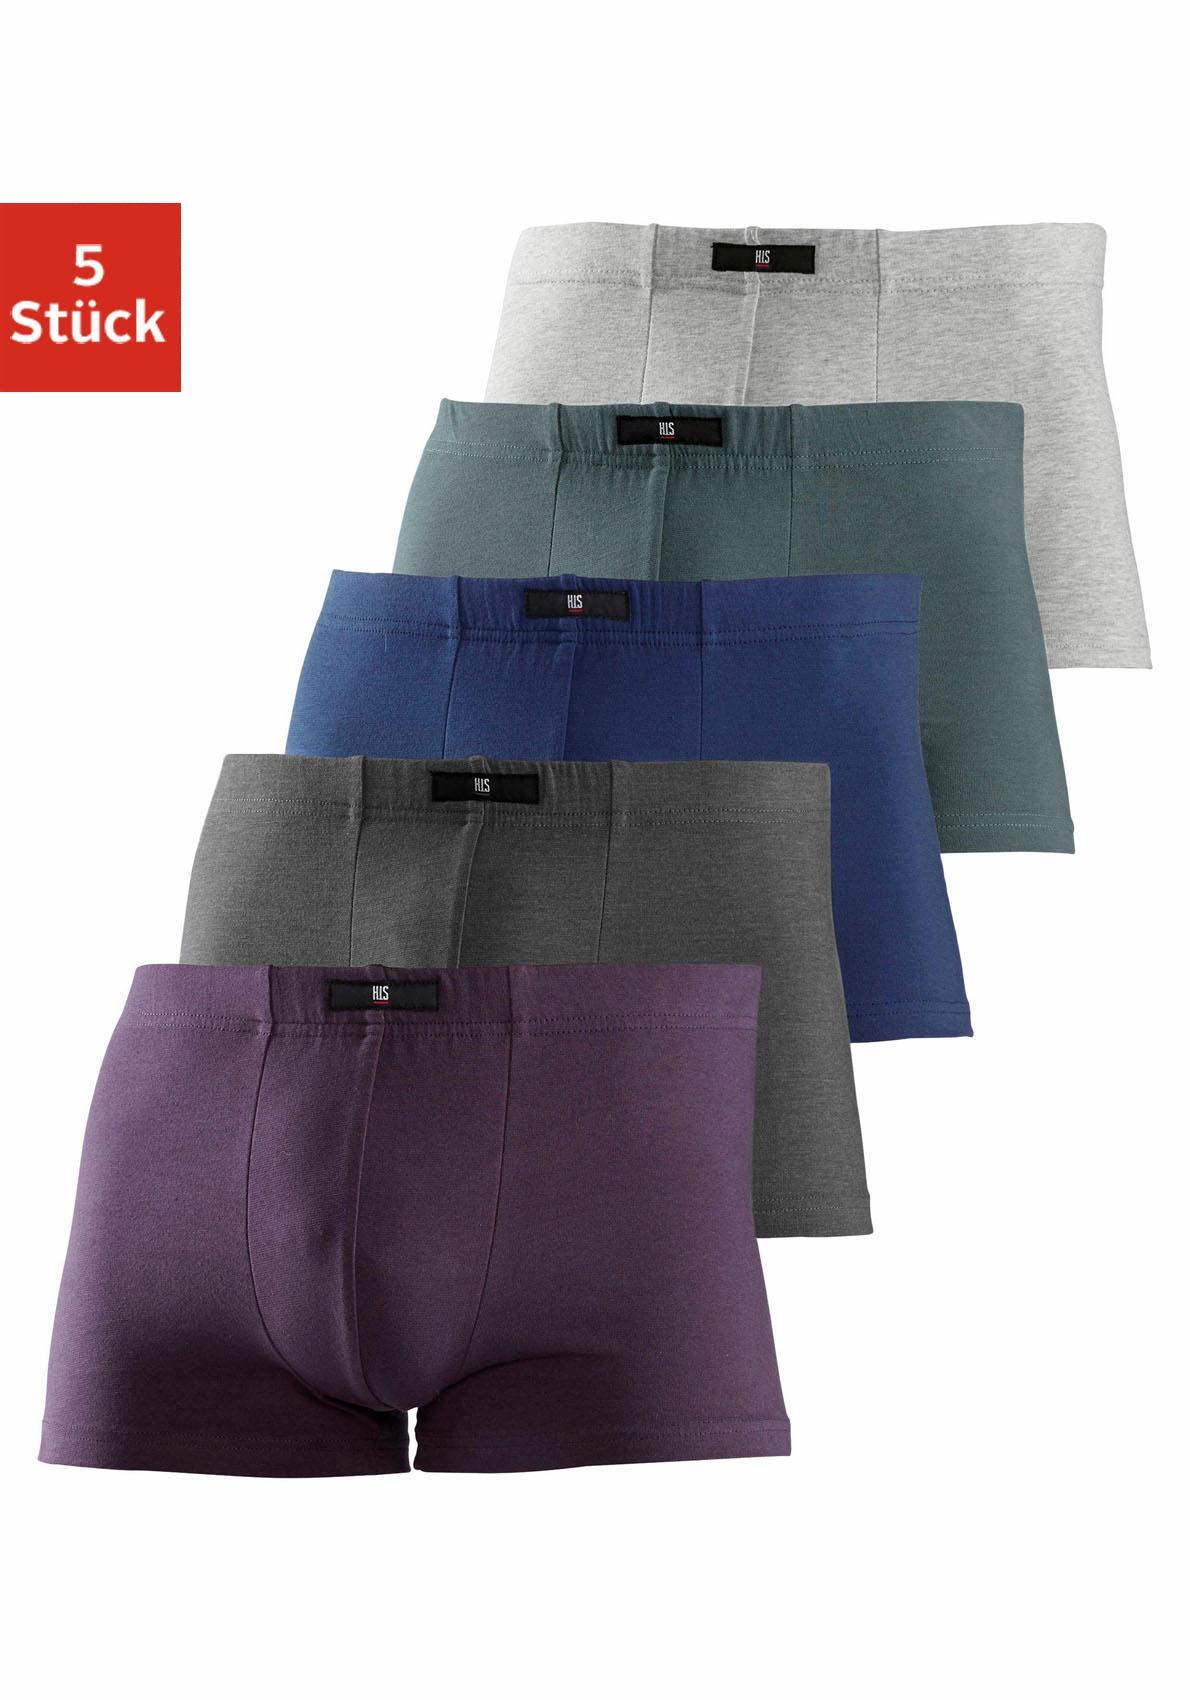 HIS Boxer Cotton made in Africa (5 Stück)   Bekleidung > Wäsche > Boxershorts   Bunt   H.I.S